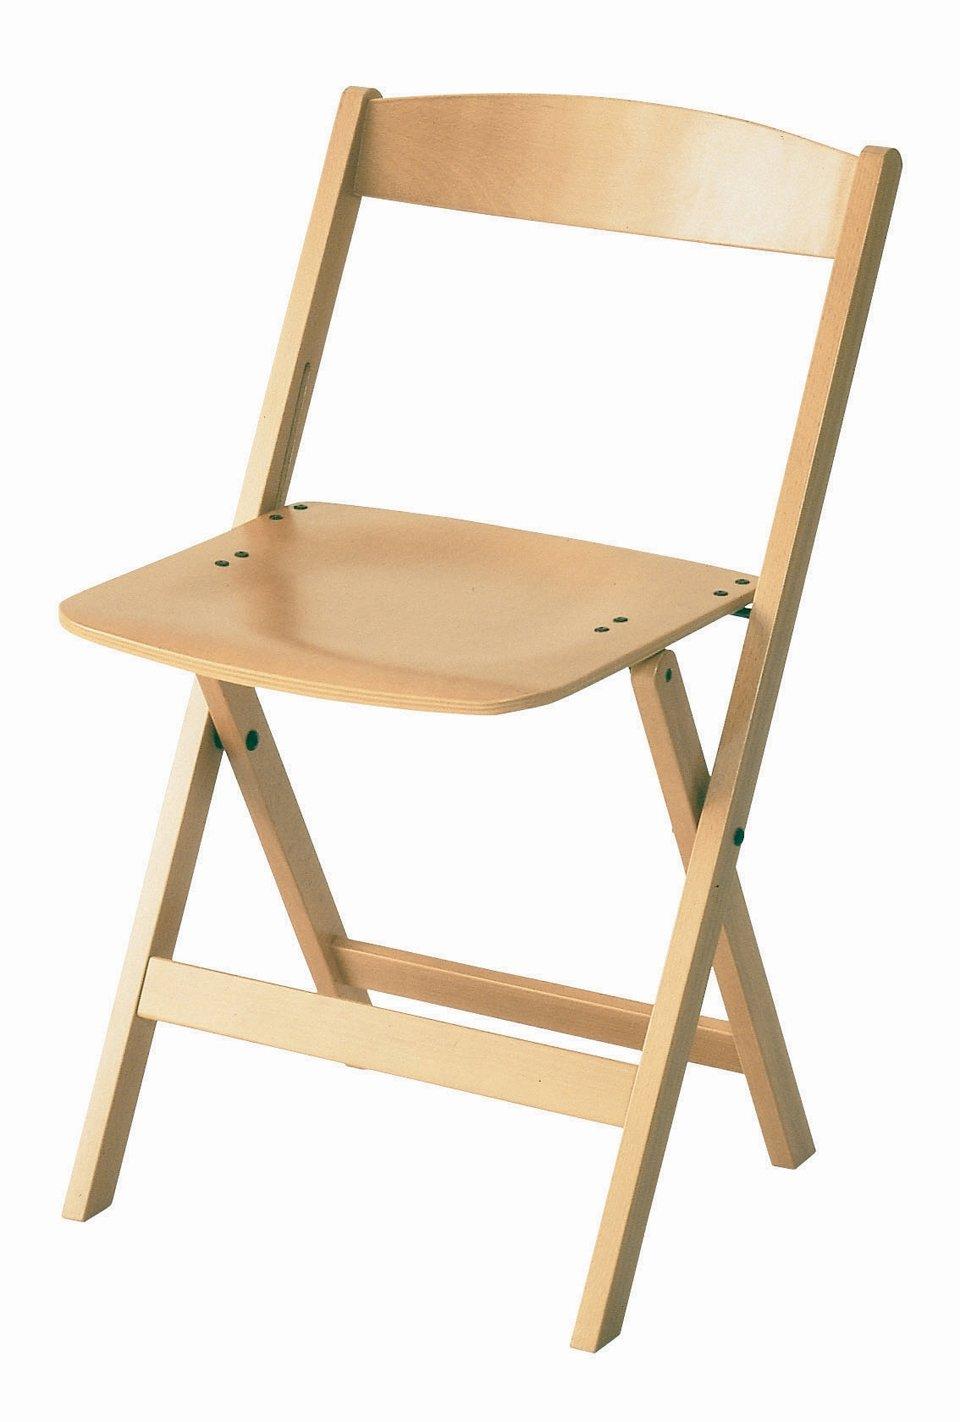 Sedie Pieghevoli Usate Offerte.Sedie Low Cost 15 Modelli A Meno Di 100 Euro Cose Di Casa